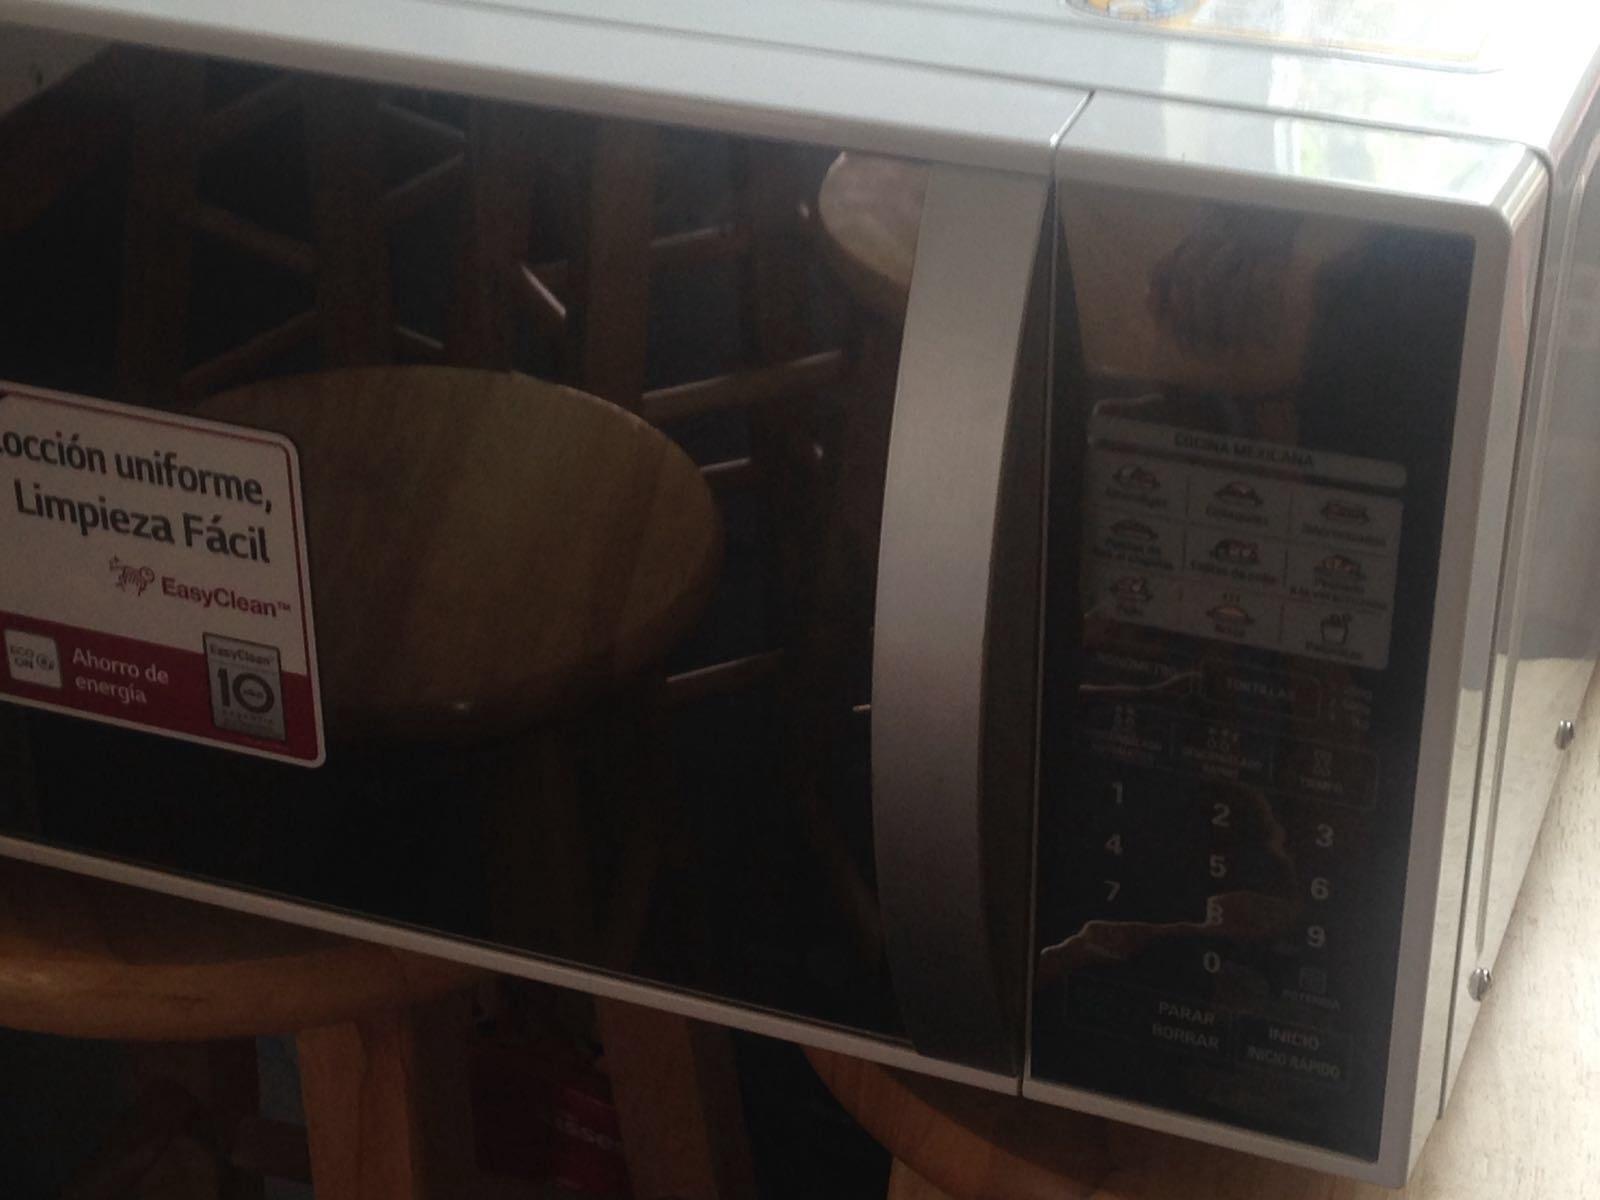 Walmart Patio Texcoco: horno de microondas LG a $490.03